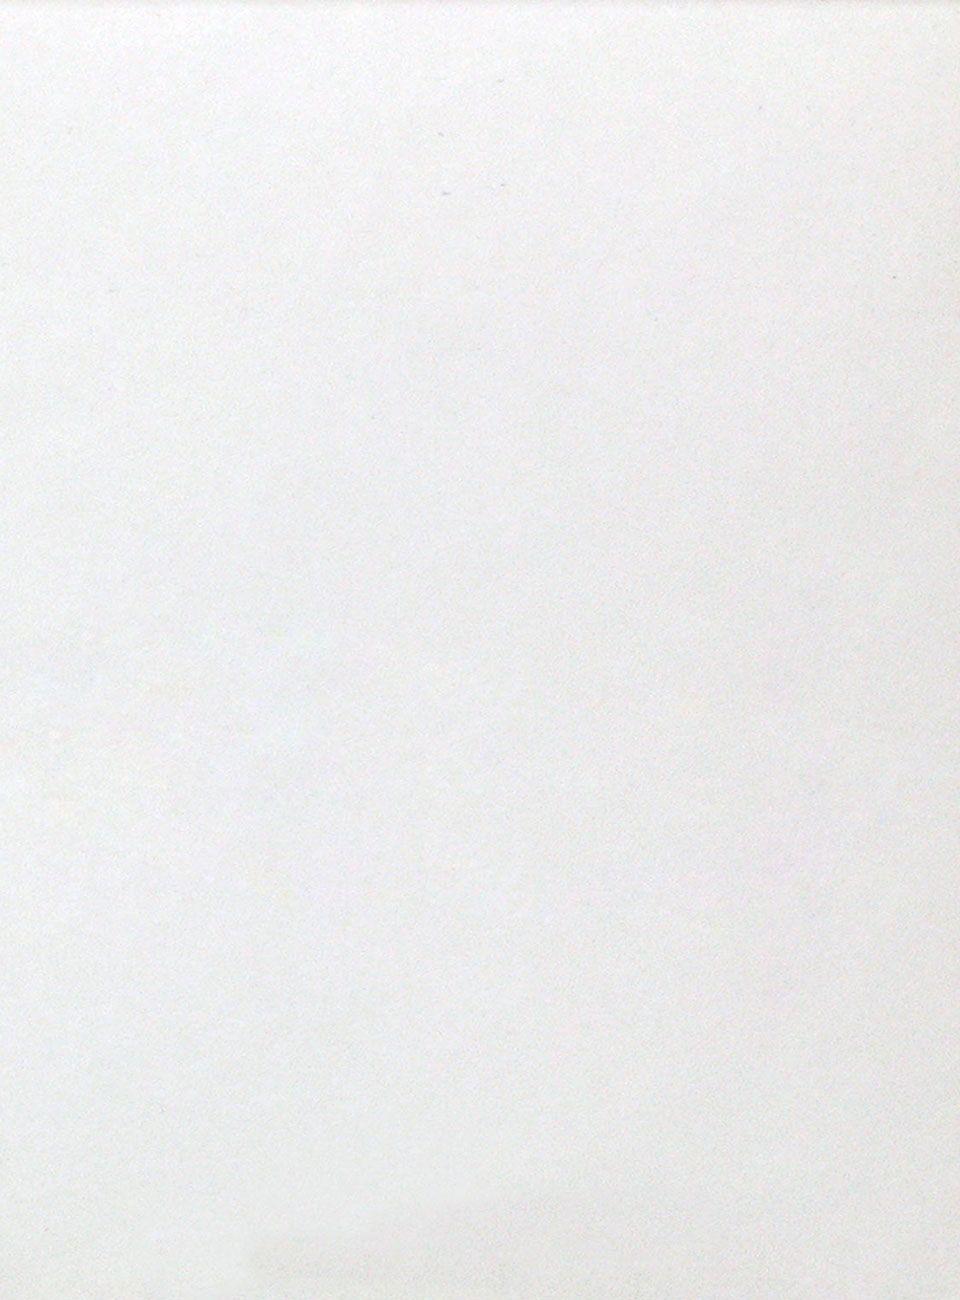 Metro 2033 Book Pdf Free Download